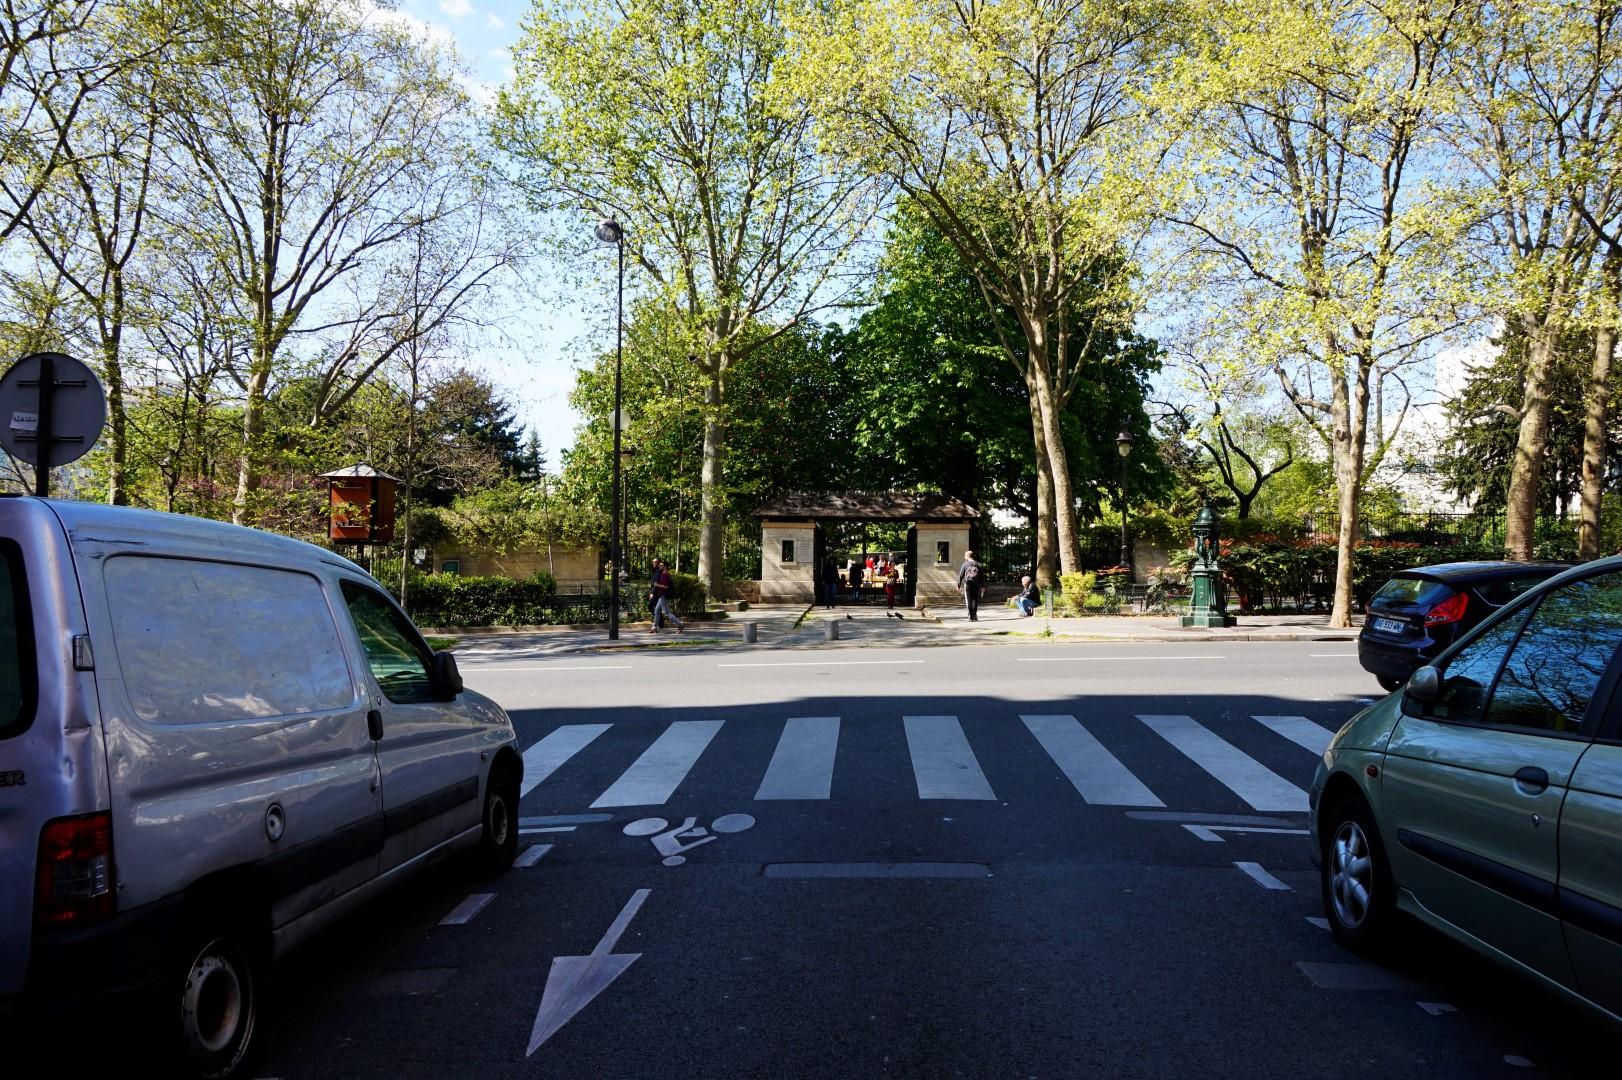 Balade dans le 11e - Rue de la Roquette - emplacement de la guillotine